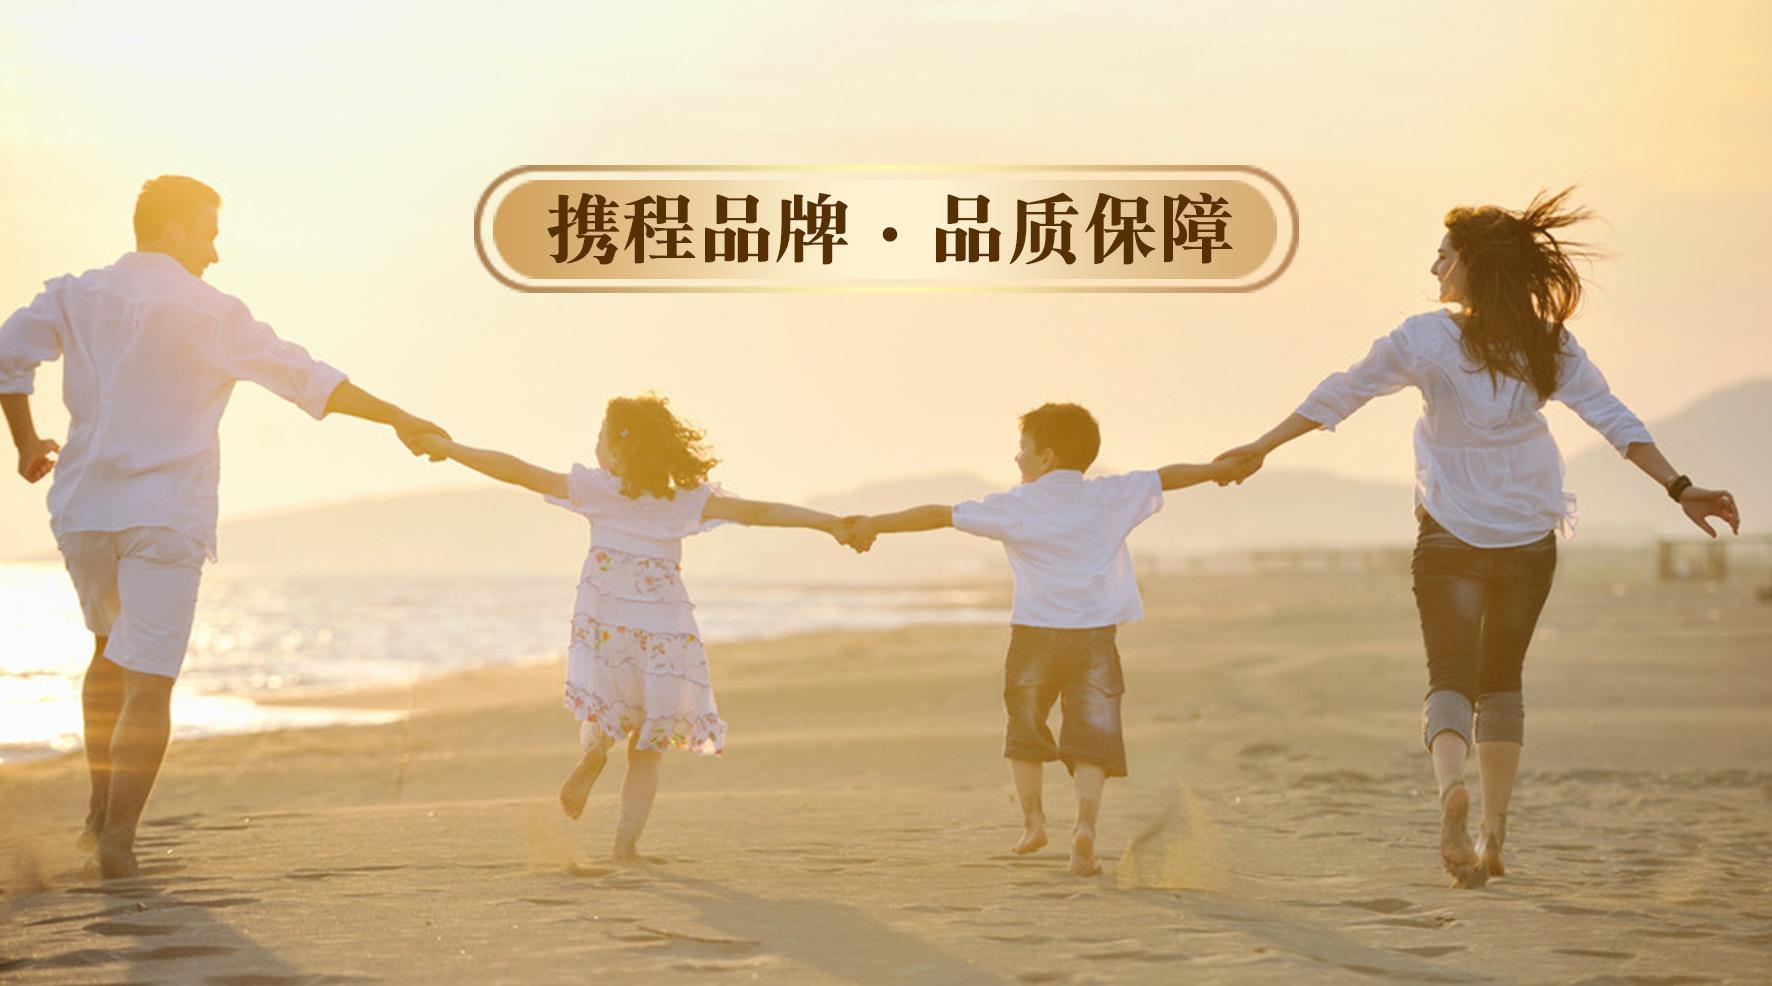 我最敬爱的老师_致我最敬爱的老师